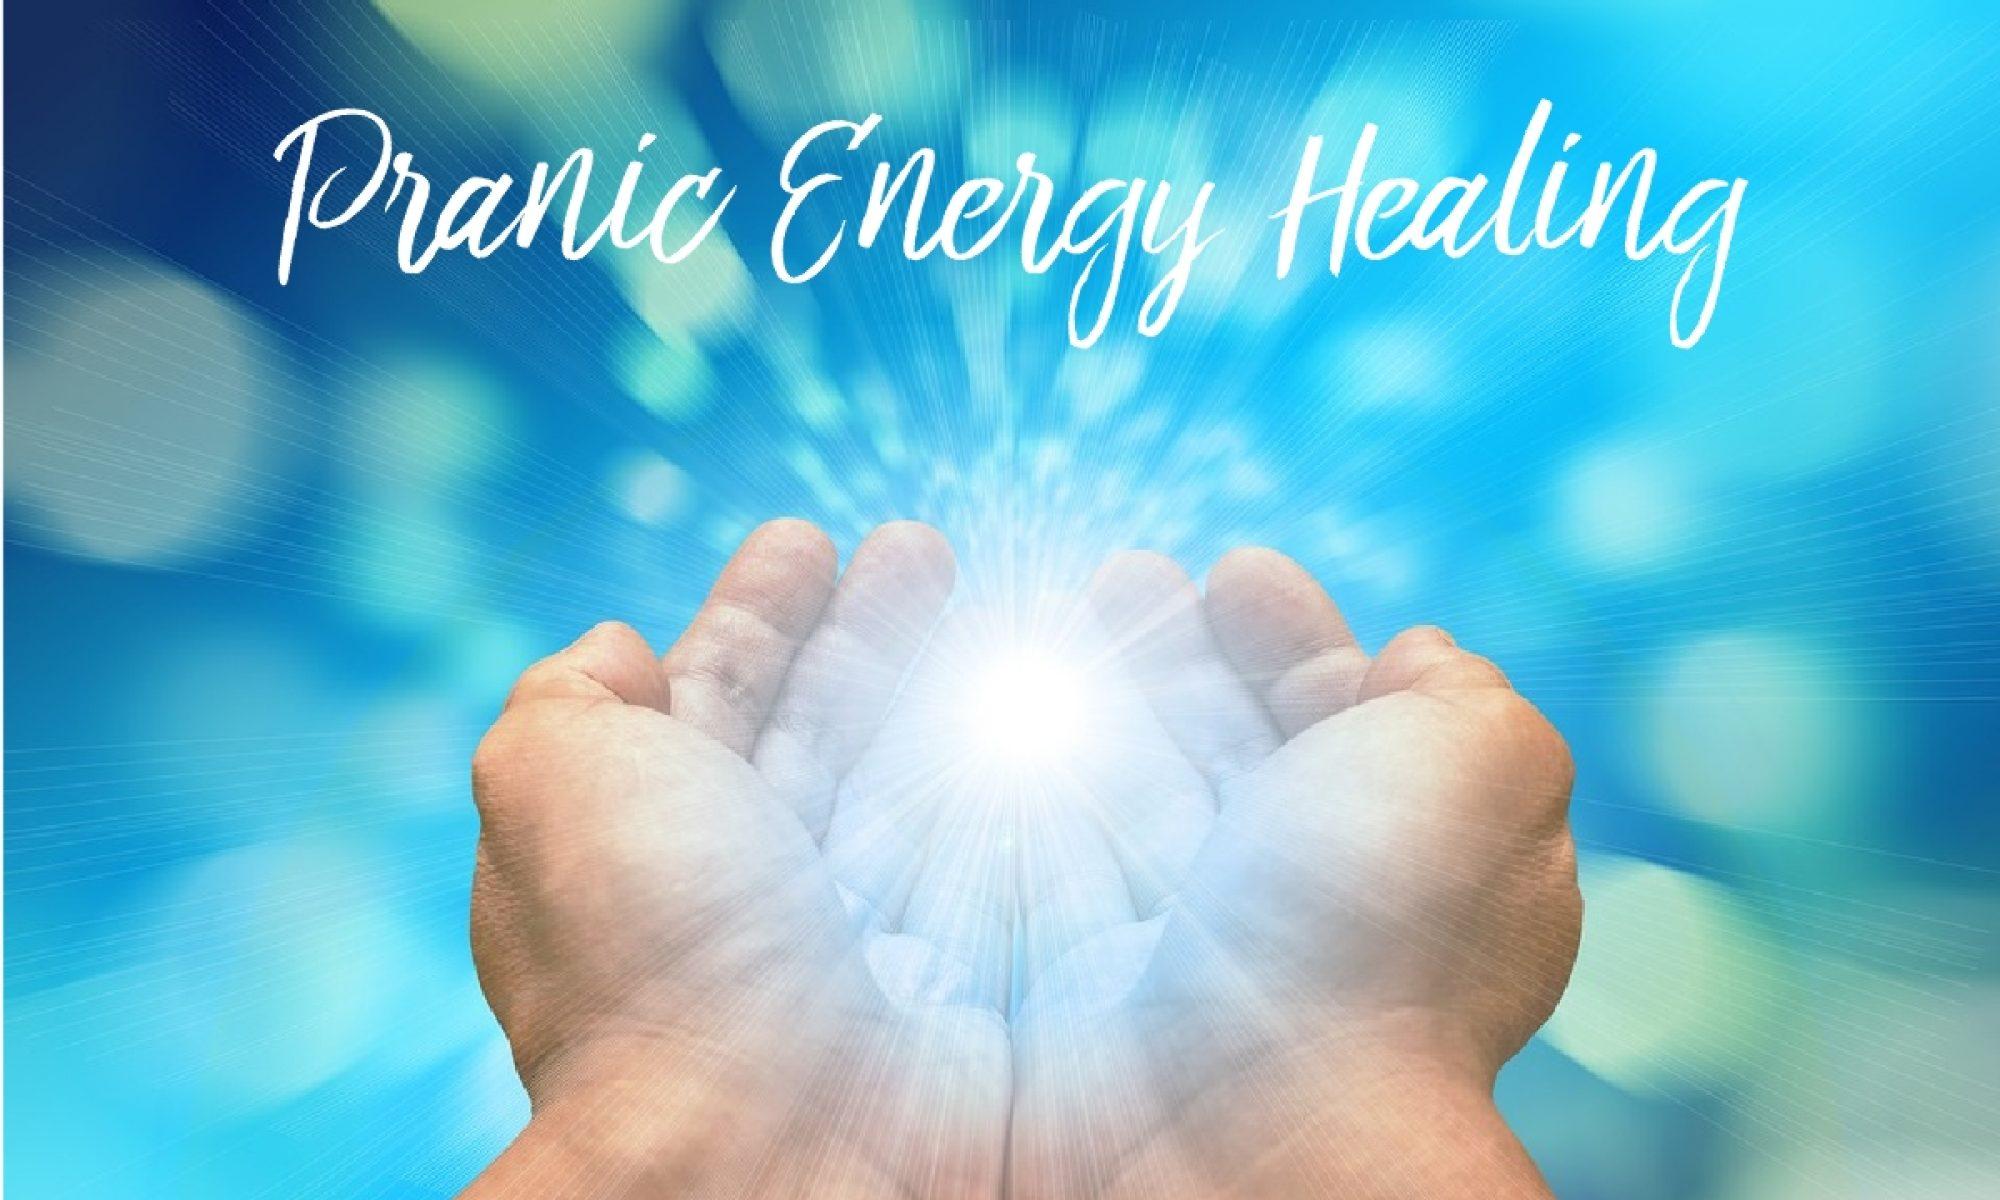 Prana Austria - Pranic Energy Healing in Österreich